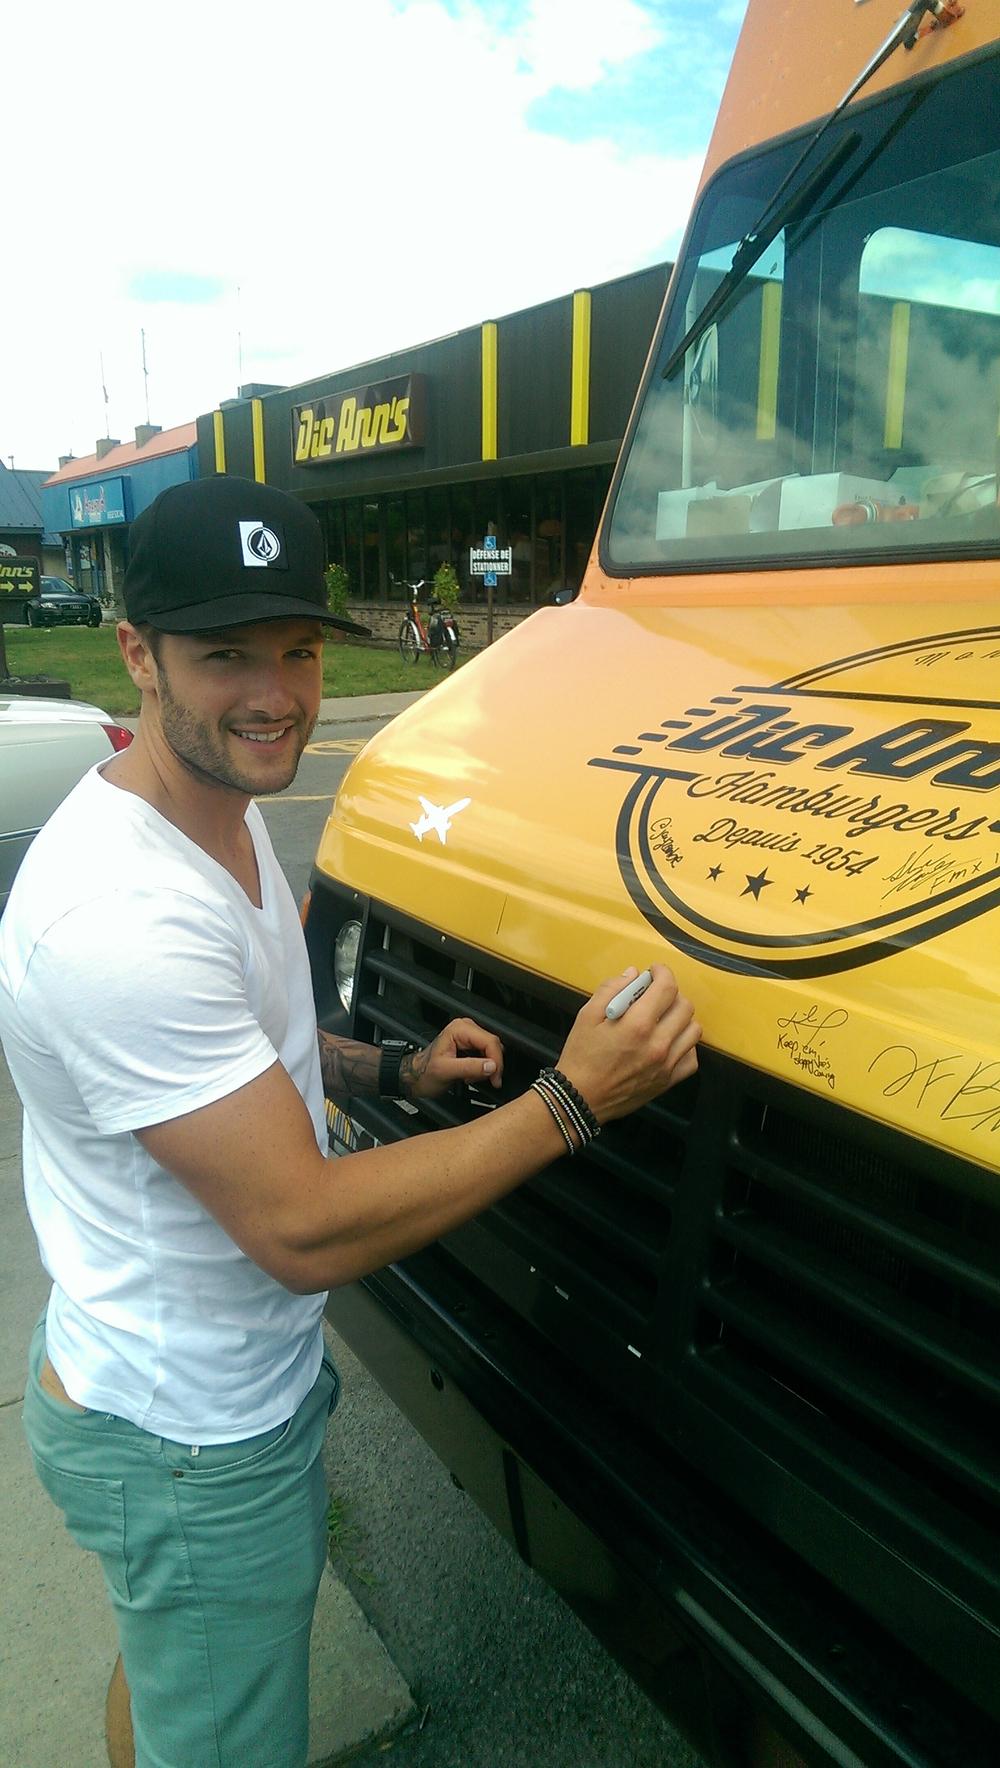 Jonathan Bernier a mis son autograph sur notre restaurant mobile! - Jonathan Bernier signs our food truck!  http://en.wikipedia.org/wiki/Jonathan_Bernier